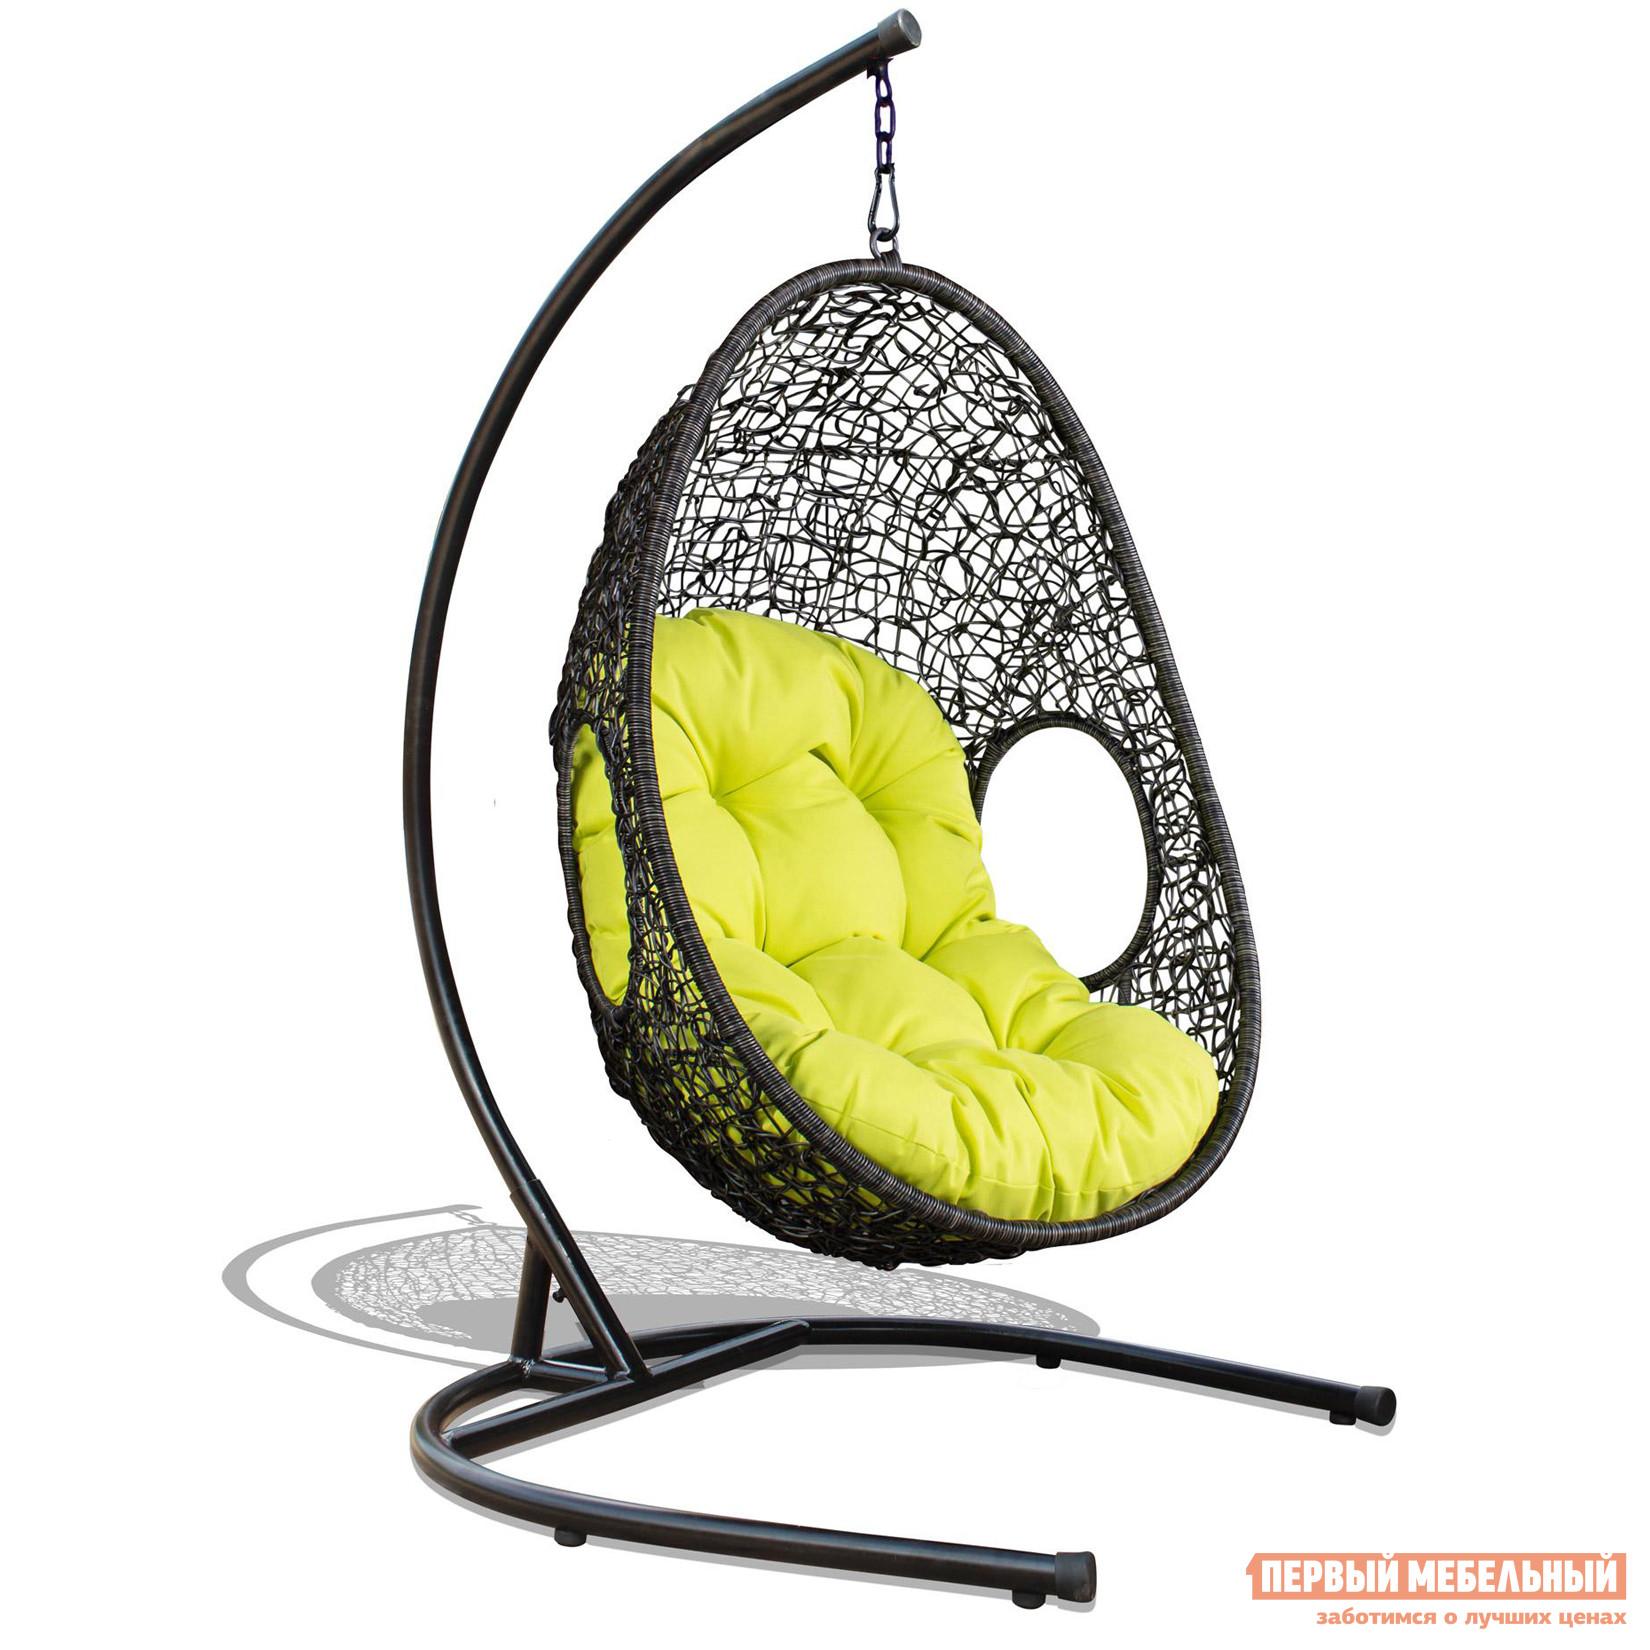 Подвесное кресло KWA 5607 Luton  Ротанг коричневыйПодвесные кресла<br>Габаритные размеры ВхШхГ 1830x710x880 мм. Уютное подвесное кресло — уникальный предмет интерьера.  Оно привнесет оригинальность, нотки футуризма в дизайн помещения, и в нем так комфортно сидеть, качаться и дремать. Такое кресло станет прекрасным дополнением как в квартире, так и в загородном доме. Высота кресла без стойки — 1270 мм. Основание и стойка, входящие в комплект изделия, выполнены из прочной стали.  Кресло имеет отличную устойчивость. Обратите внимание, яркая мягкая подушка входит в комплект кресла. Мебель из искусственного ротанга — это воплощение стиля, легкости и экологичности.  Отличительными особенностями мебели из искусственного ротанга являются устойчивость к влаге, палящим солнечным лучам, перепадам температур, неприхотливость в уходе — достойный вид мебельного изделия легко поддерживать с помощью влажной уборки губкой.<br><br>Цвет: Коричневый<br>Высота мм: 1830<br>Ширина мм: 710<br>Глубина мм: 880<br>Форма поставки: В собранном виде<br>Срок гарантии: 1 год<br>Тип: Кресла-коконы<br>Тип: Кресла-яйца<br>Материал: Искусственный ротанг<br>Форма: Круглые<br>Размер: Одноместные<br>Со стойкой: Да<br>С подушкой: Да<br>Со спинкой: Да